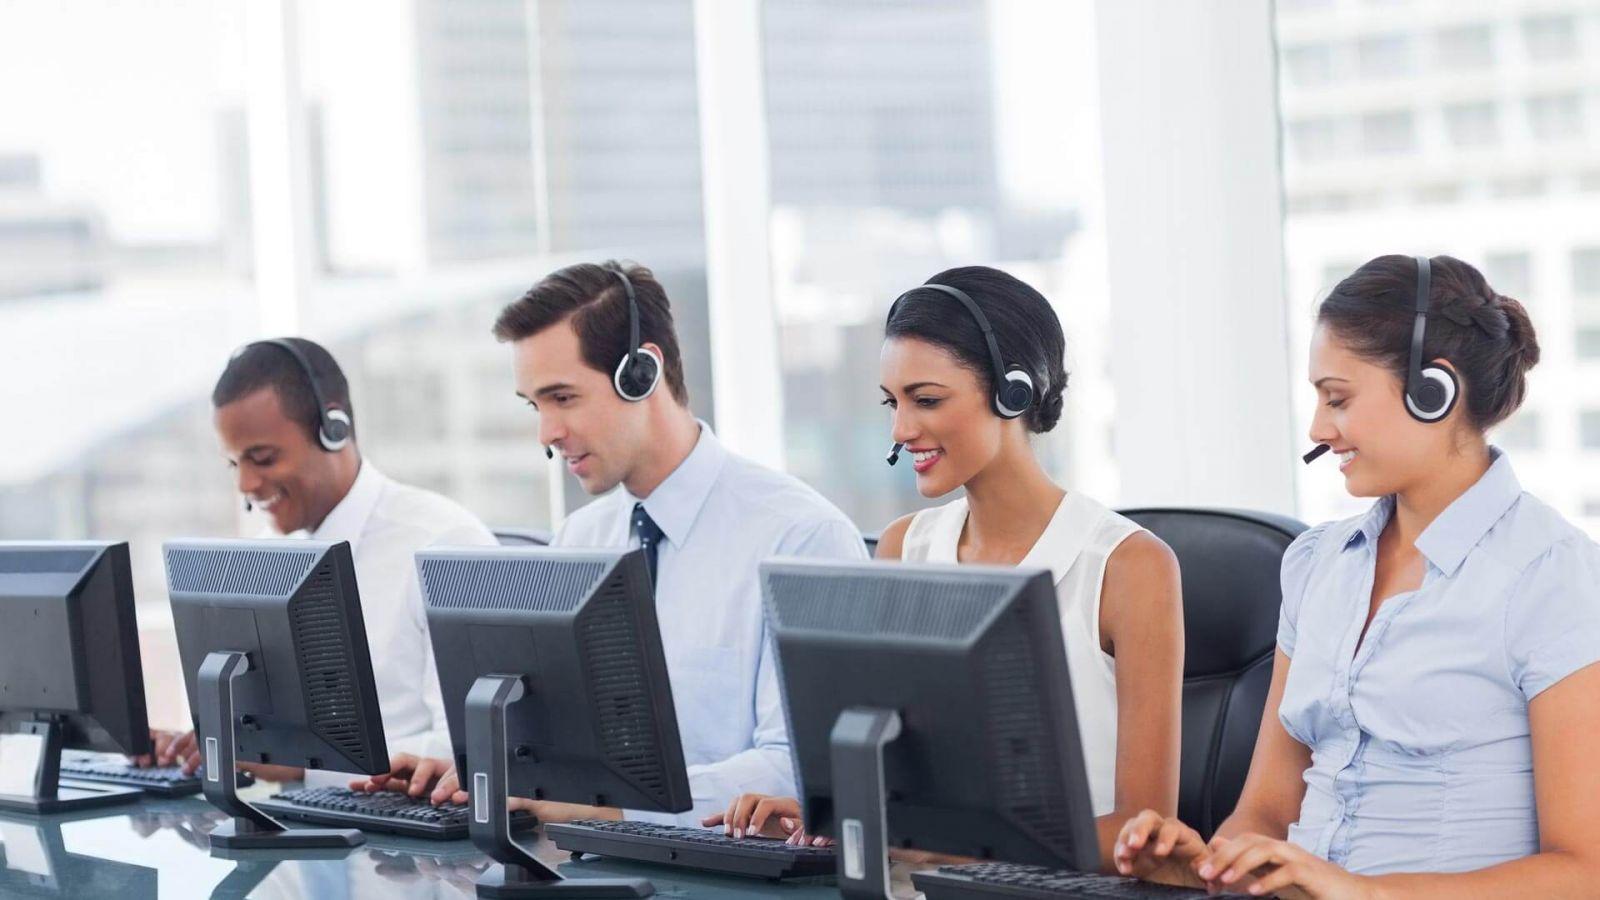 Tư vấn bảo hiểm - những công việc không cần bằng cấp